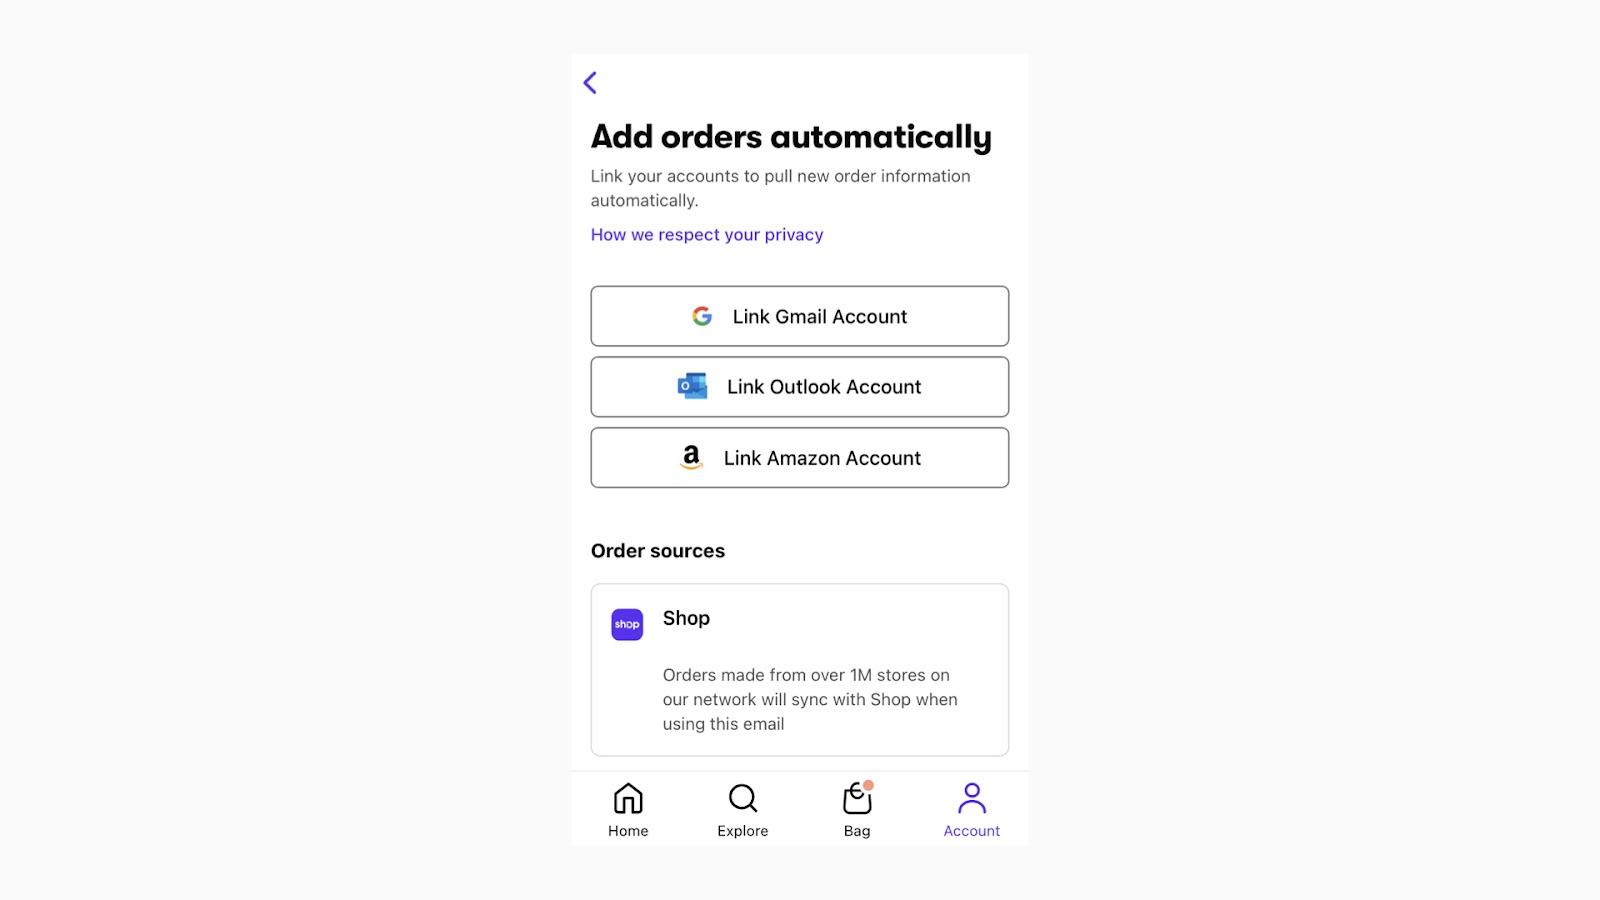 メールアドレスは「Account > Add orders automatically」から追加することができます。